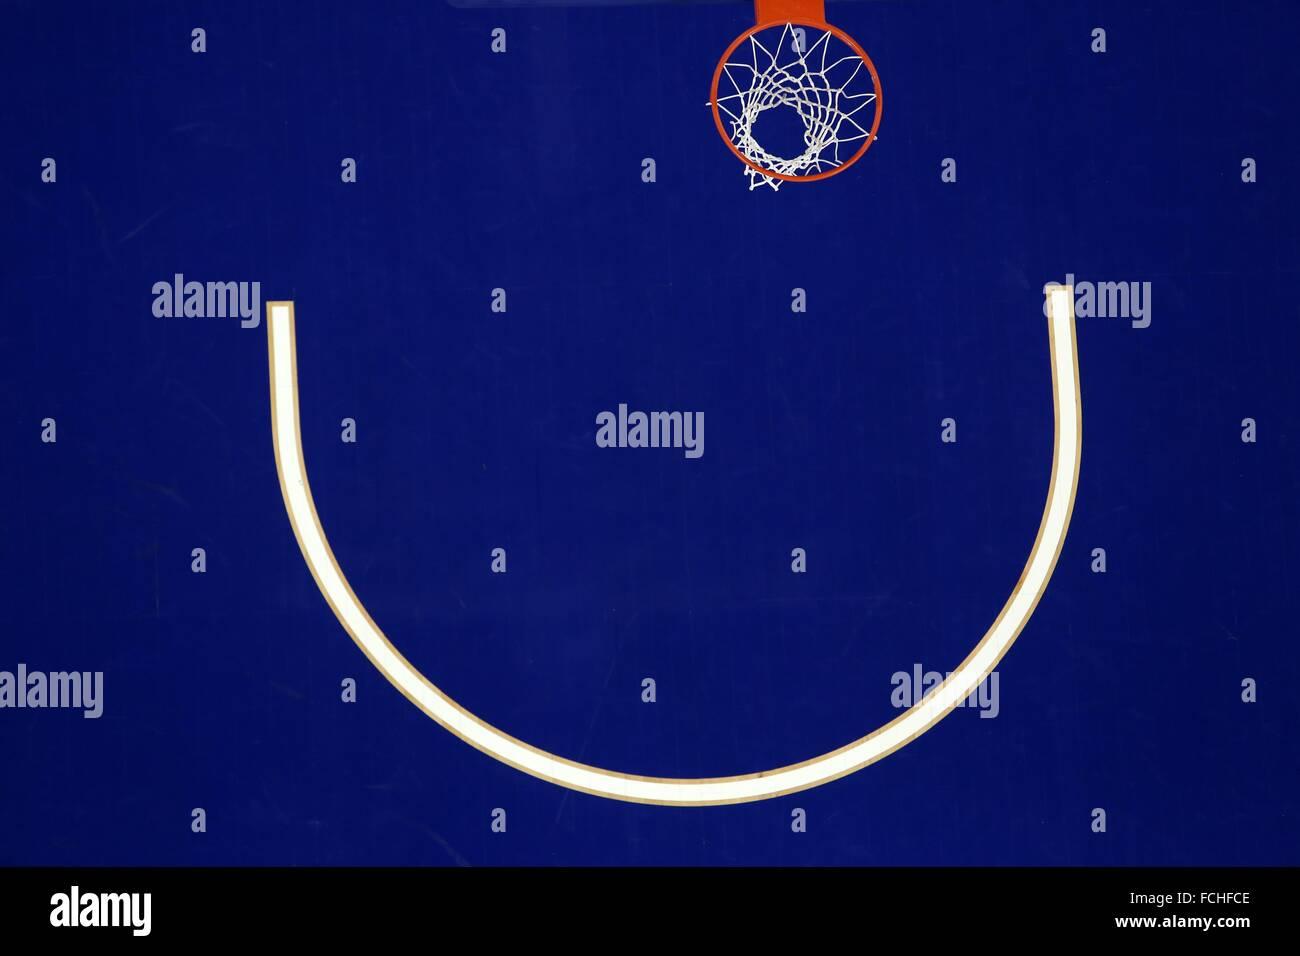 Overhead View Of Indoor Basketball